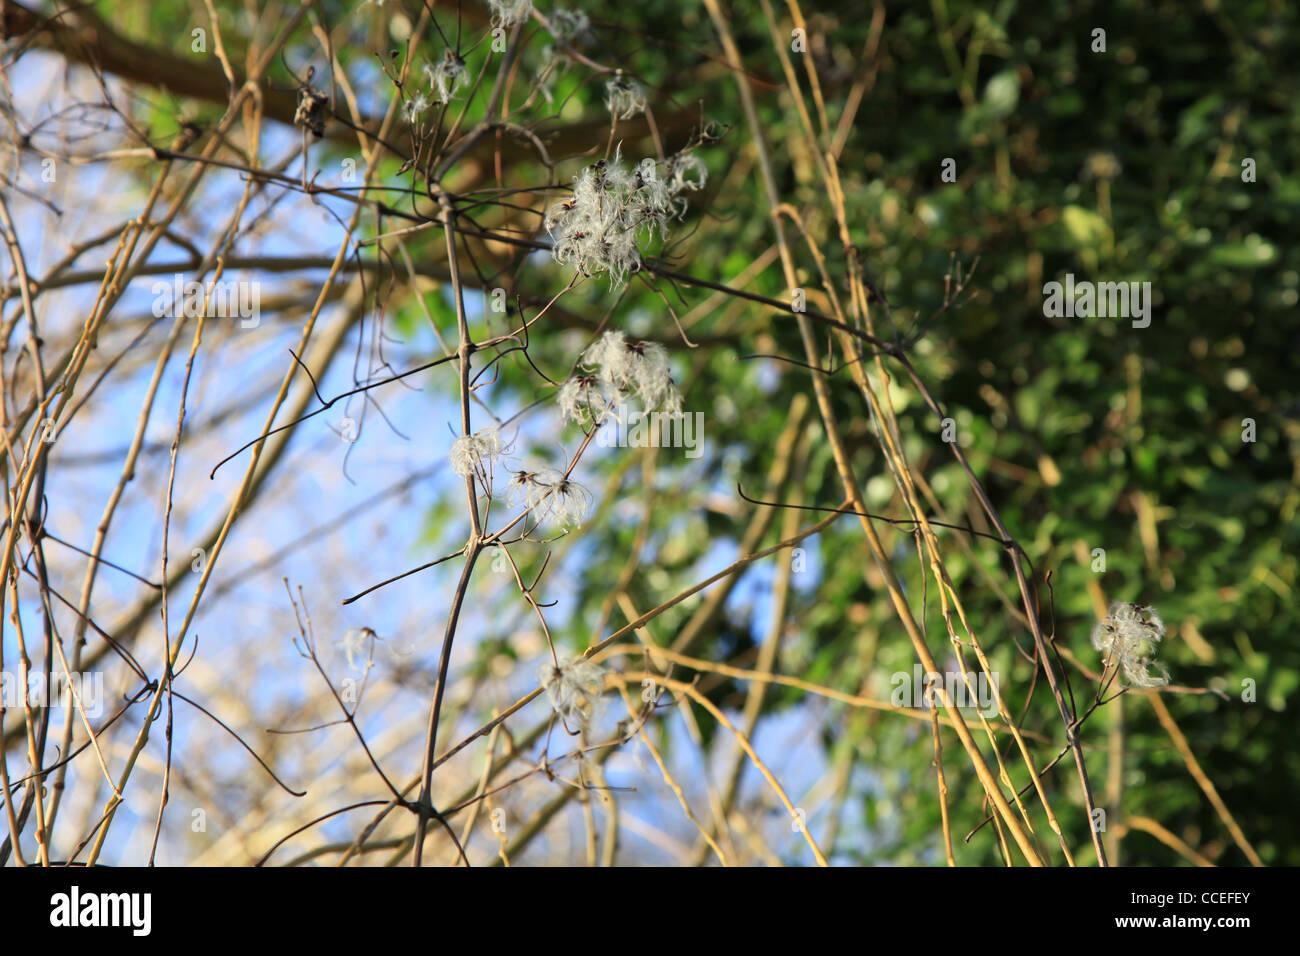 Natur,nature,winter,sonne,sun,wasser,water,fluss,river,Reflektionen,reflection,Sonnenschein,Idylle,Idyl,Baum,tree,Sträucher,bush - Stock Image